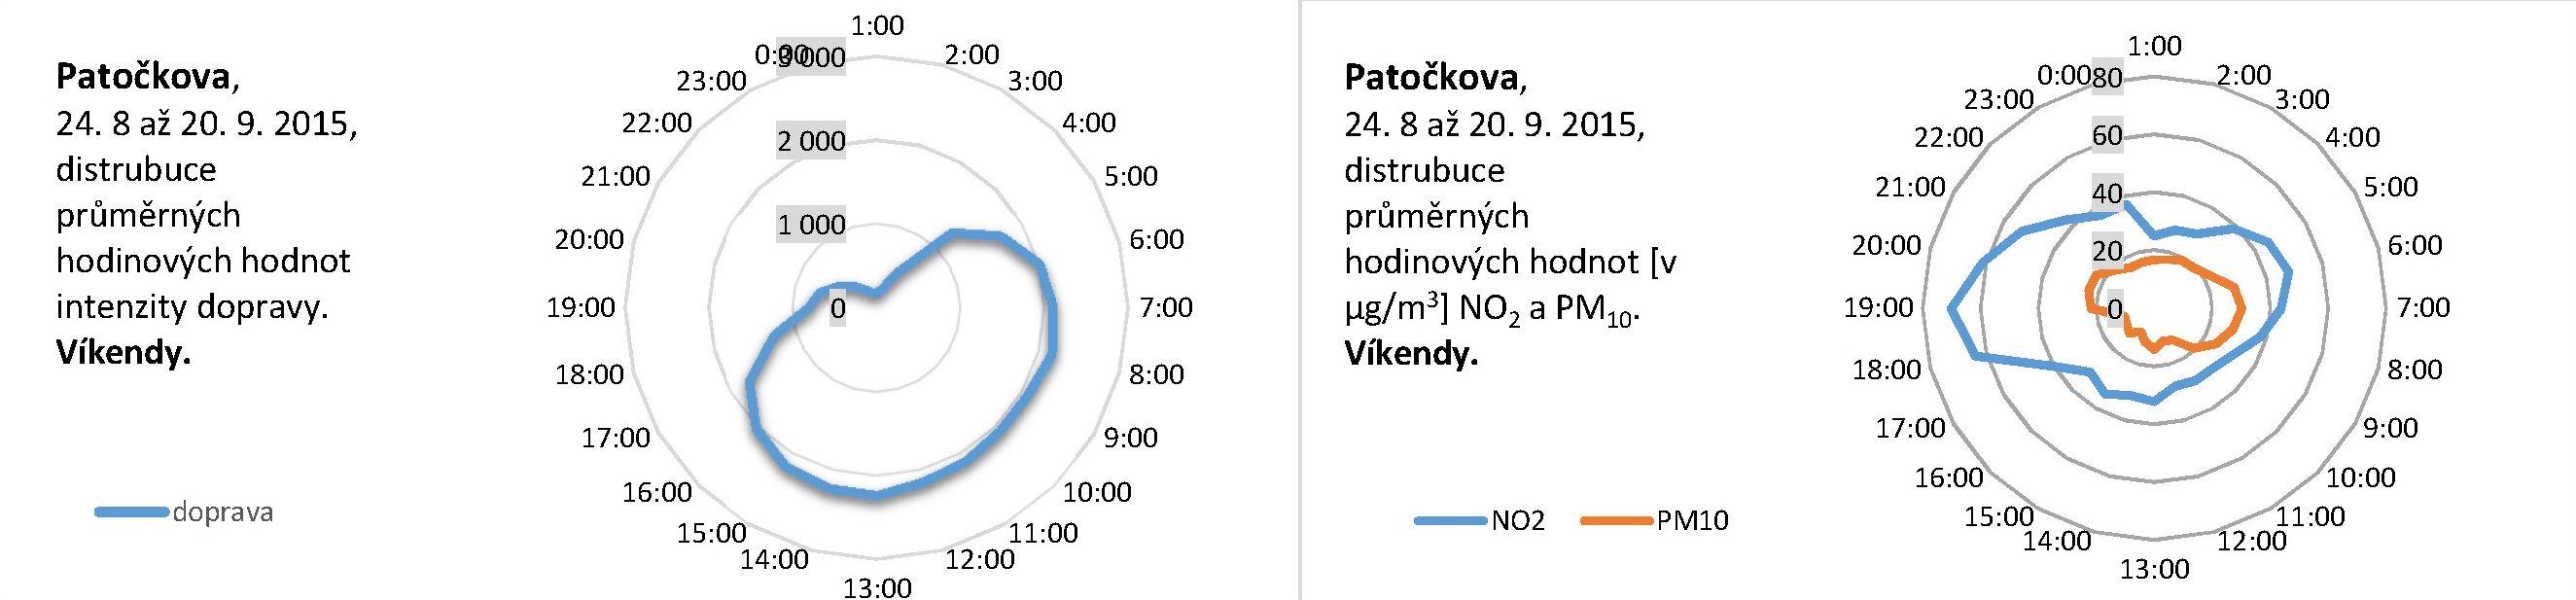 Patočkova - 09.2015 - Distribuce průměrných hodinových hodnot (víkend)